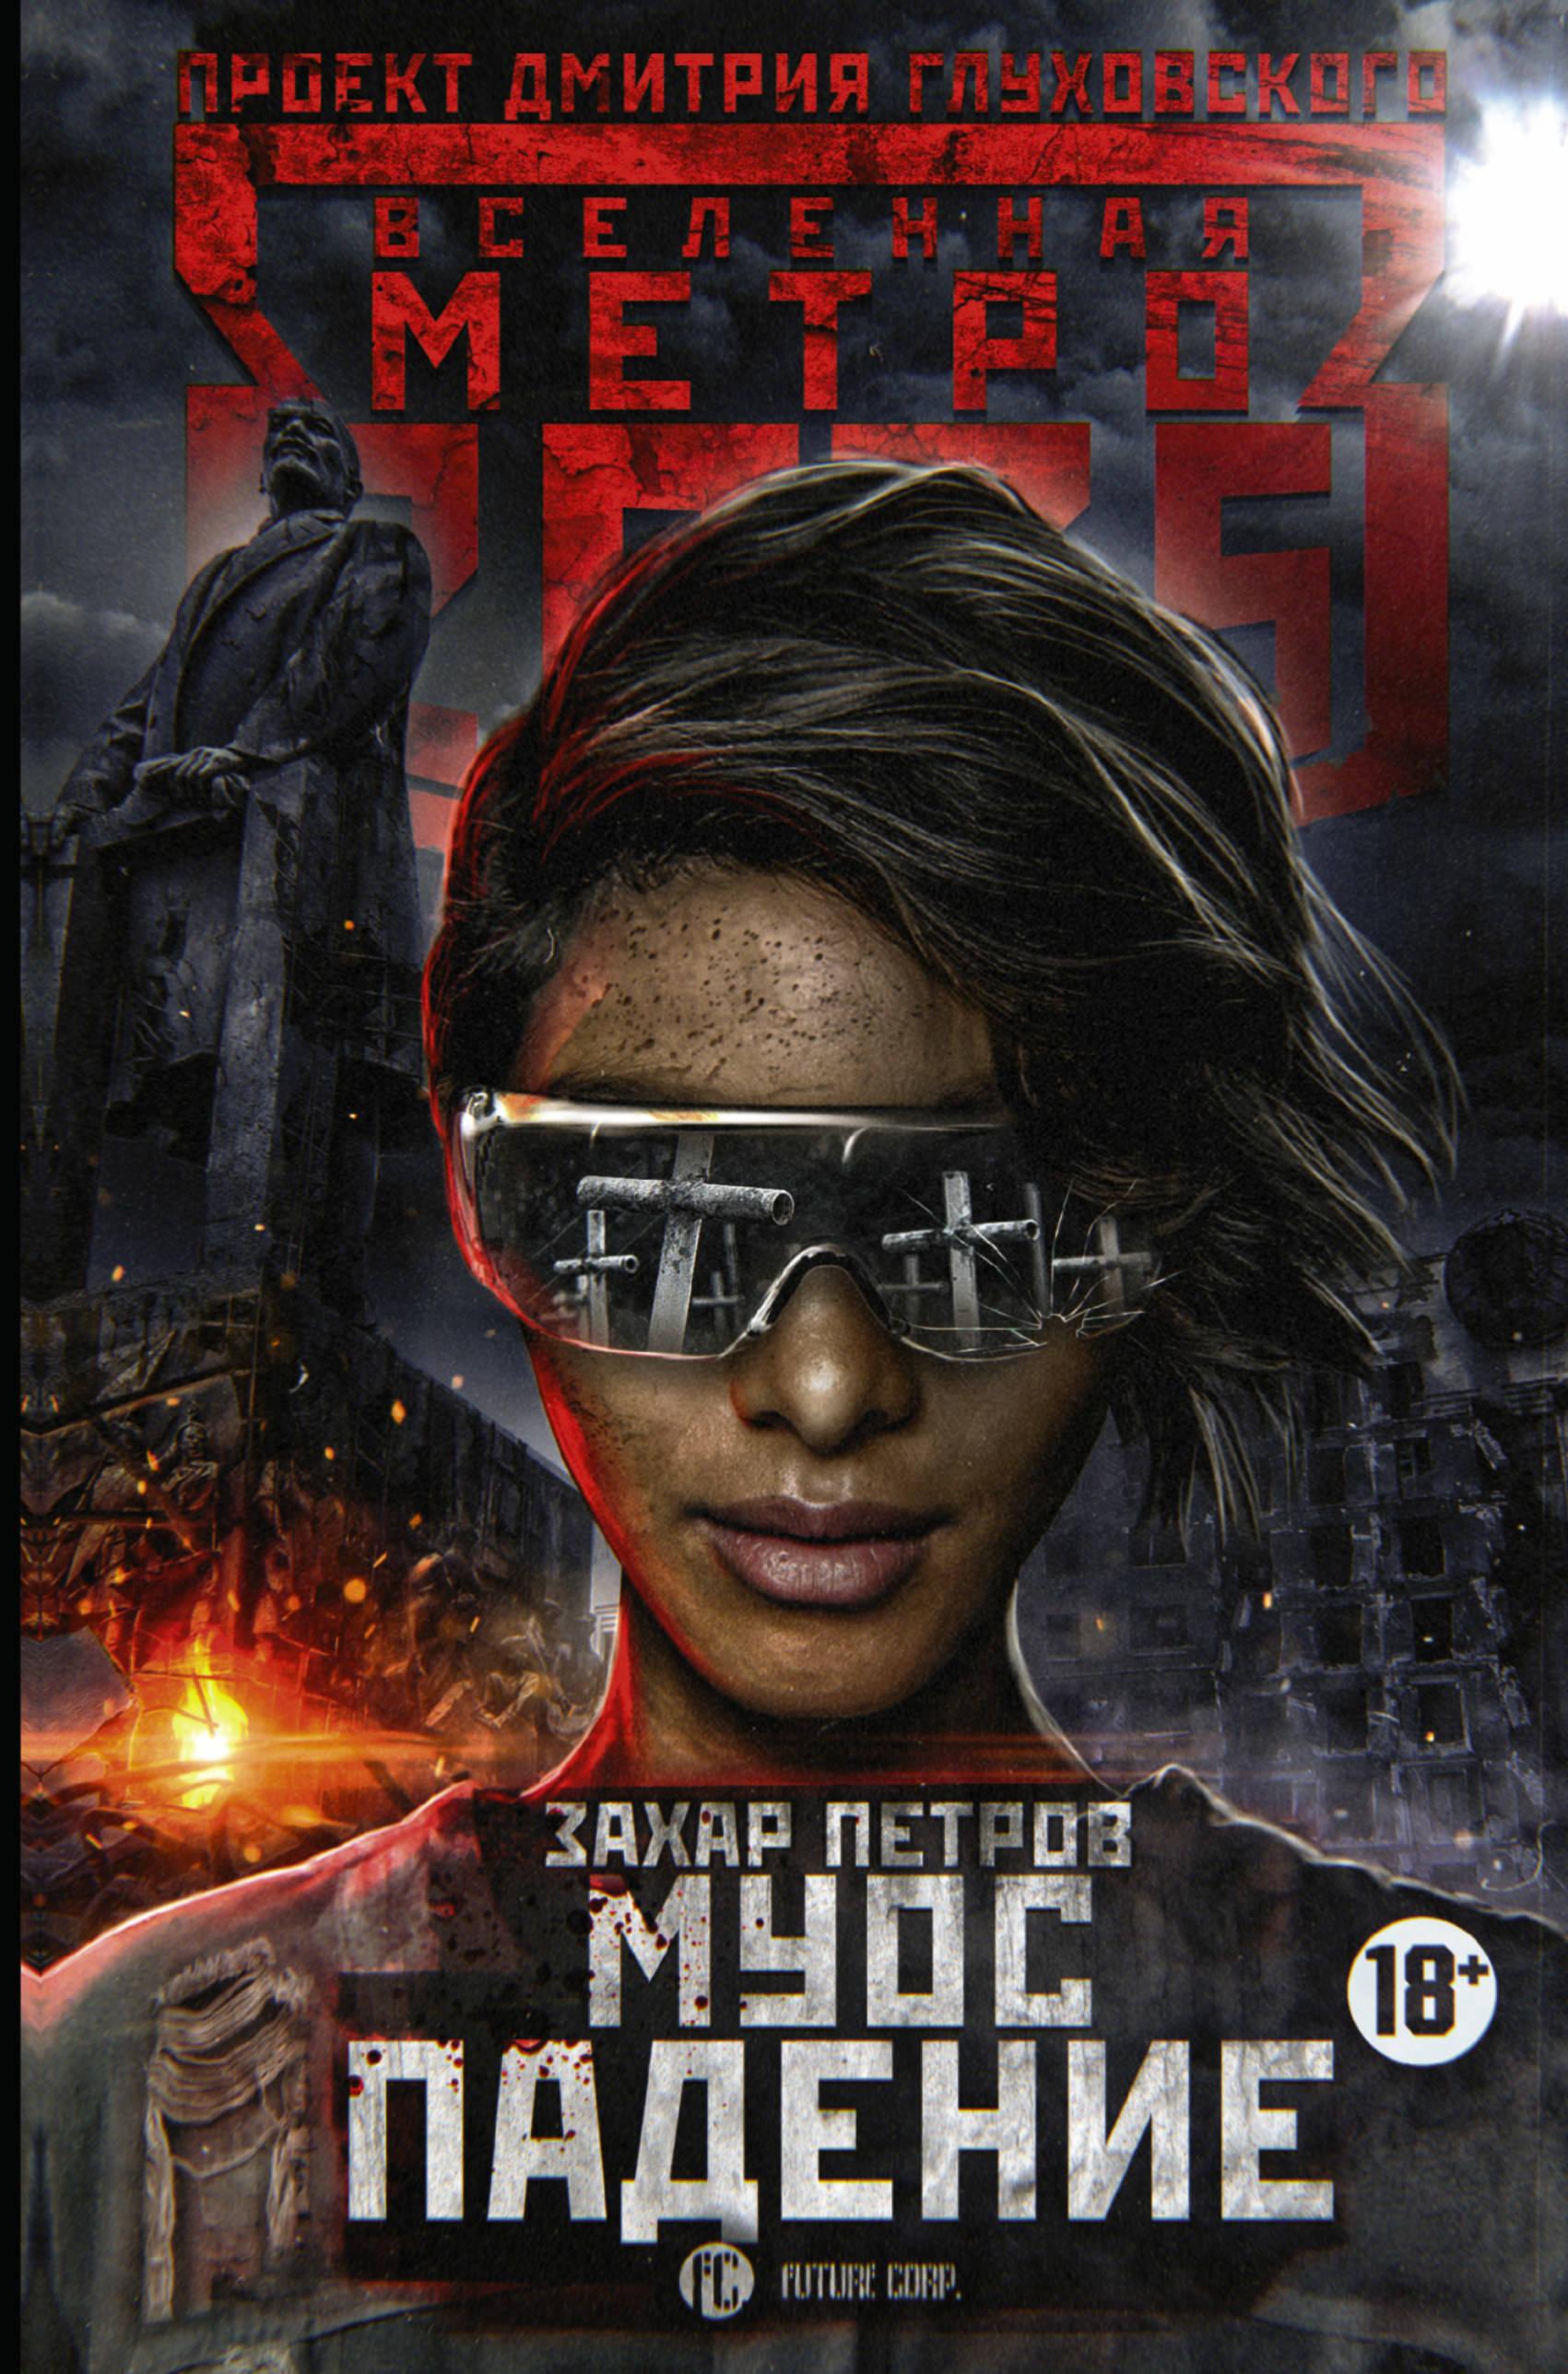 Захар Петров Метро 2035: Муос. Падение цена 2017